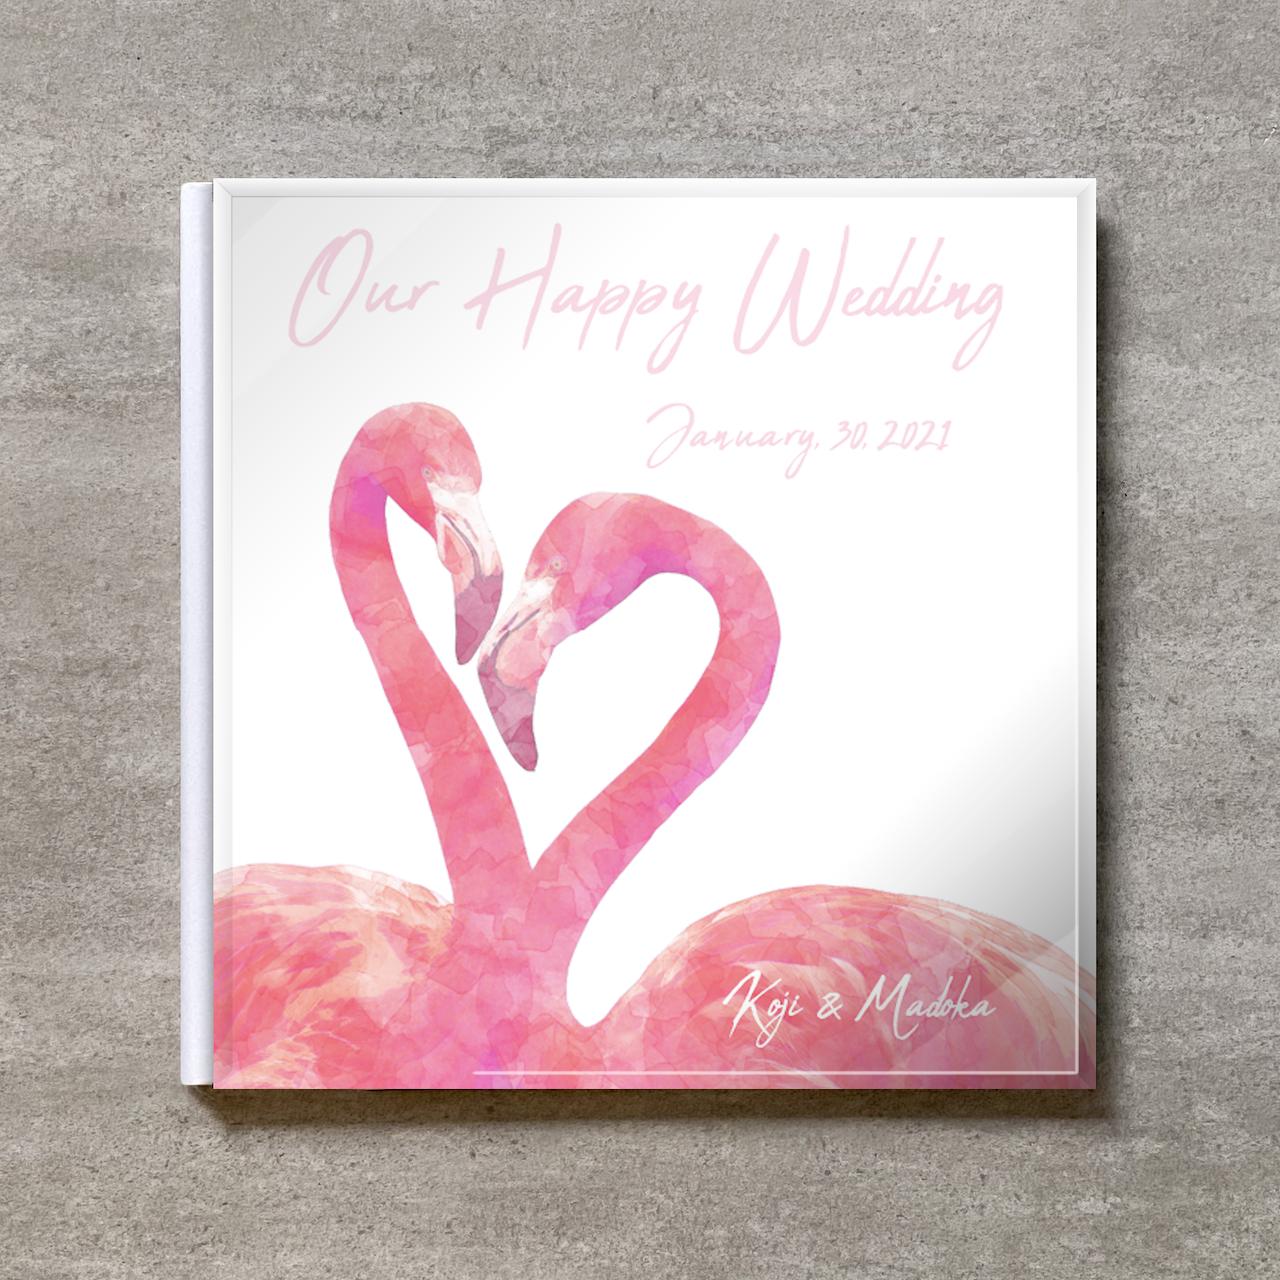 White Flamingo_A4スクエア_10ページ/20カット_クラシックアルバム(アクリルカバー)